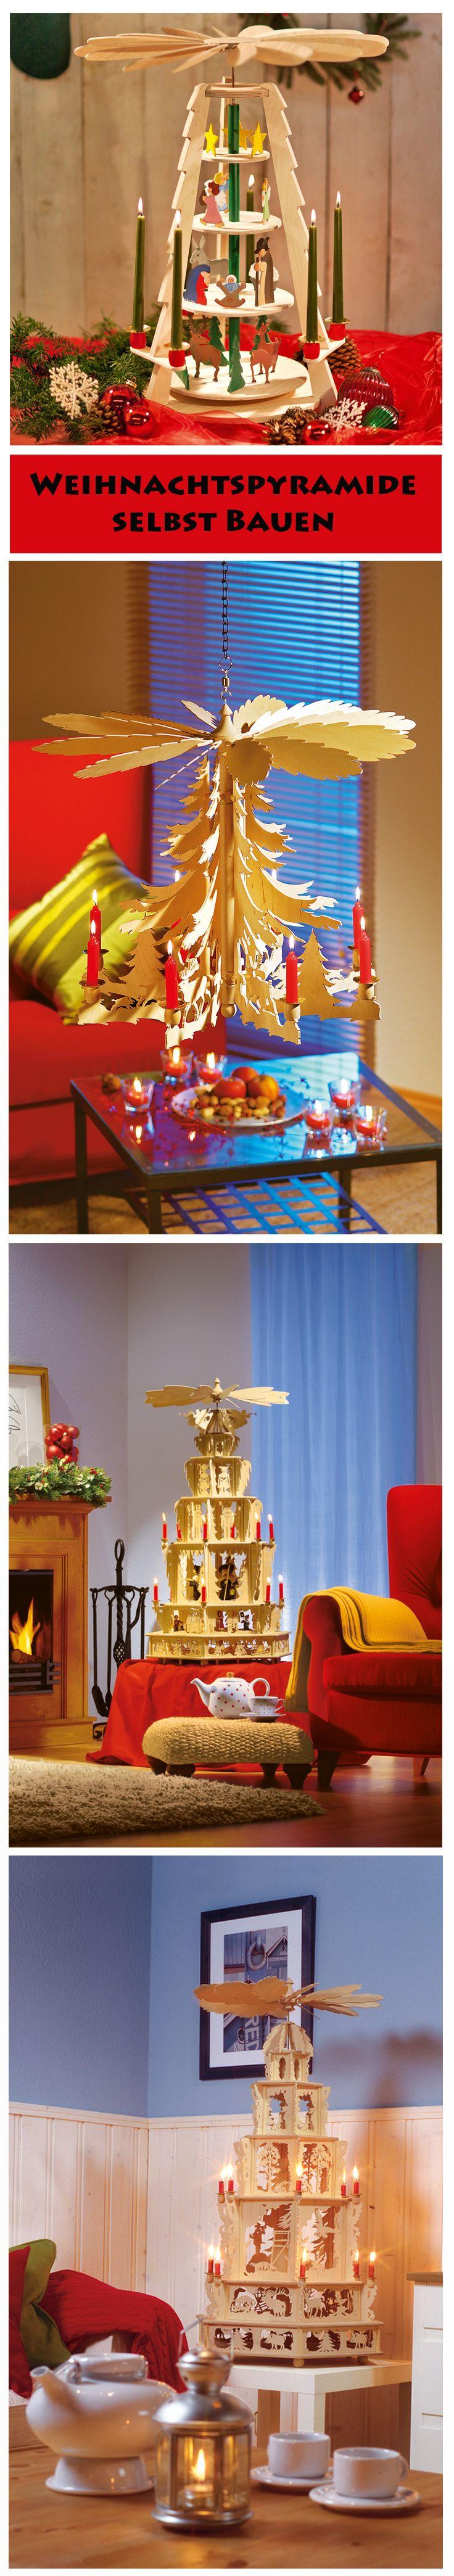 Wer kennt sie nicht: Die Weihnachtspyramiden! Die Kerzen lassen die Figuren in der Pyramide tanzen und sorgen gleichzeitig für ein romantisch flackerndes Licht an Wänden und Decke. Eine solche Pyramide kannst du dir selbst bauen – mit unseren Bauanleitungen.